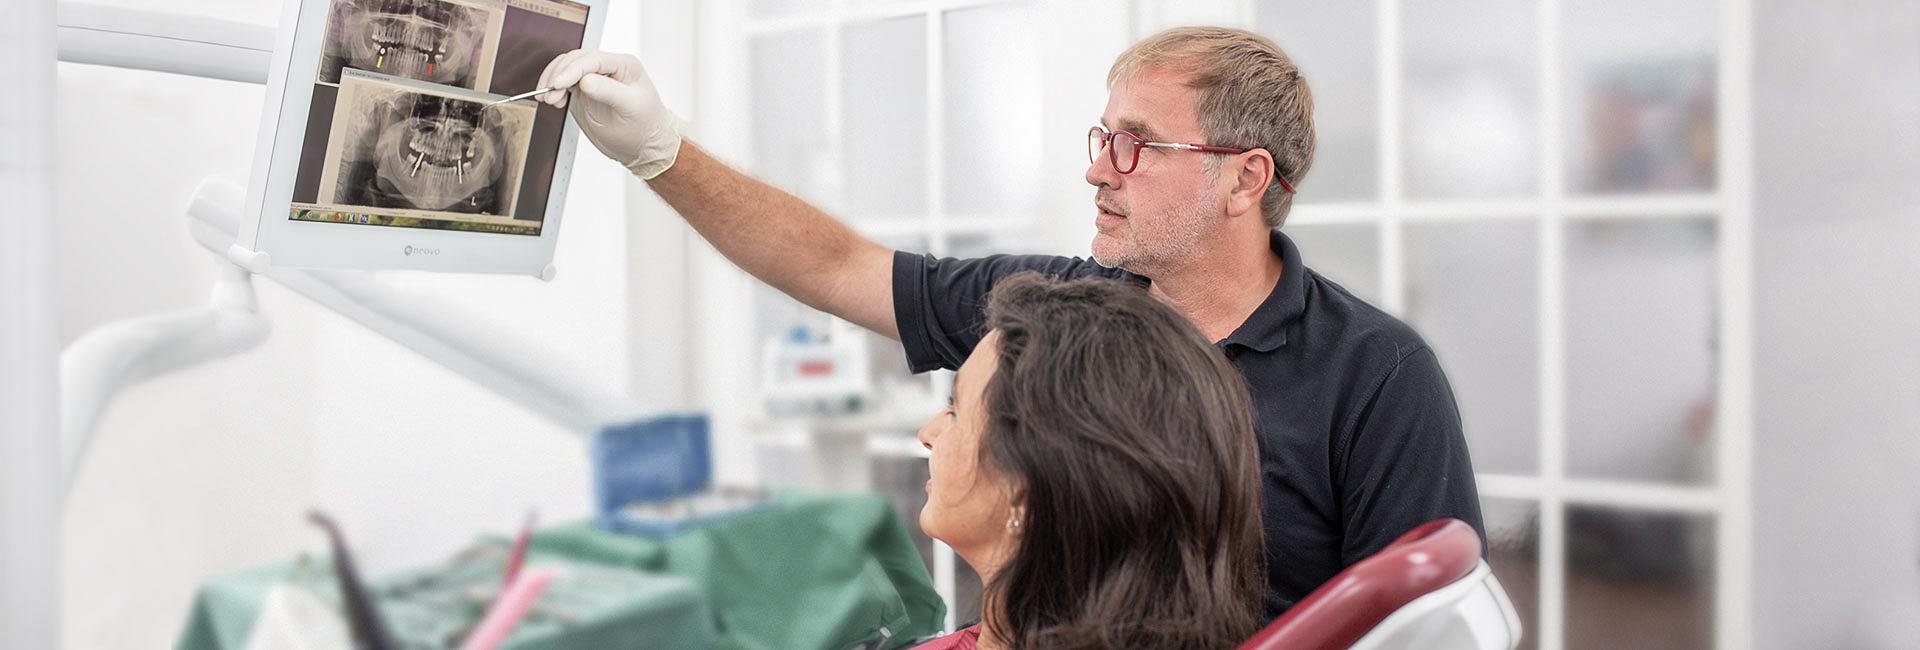 Implantologie - Zahnärzte Kaiserstrasse in Mülheim an der Ruhr